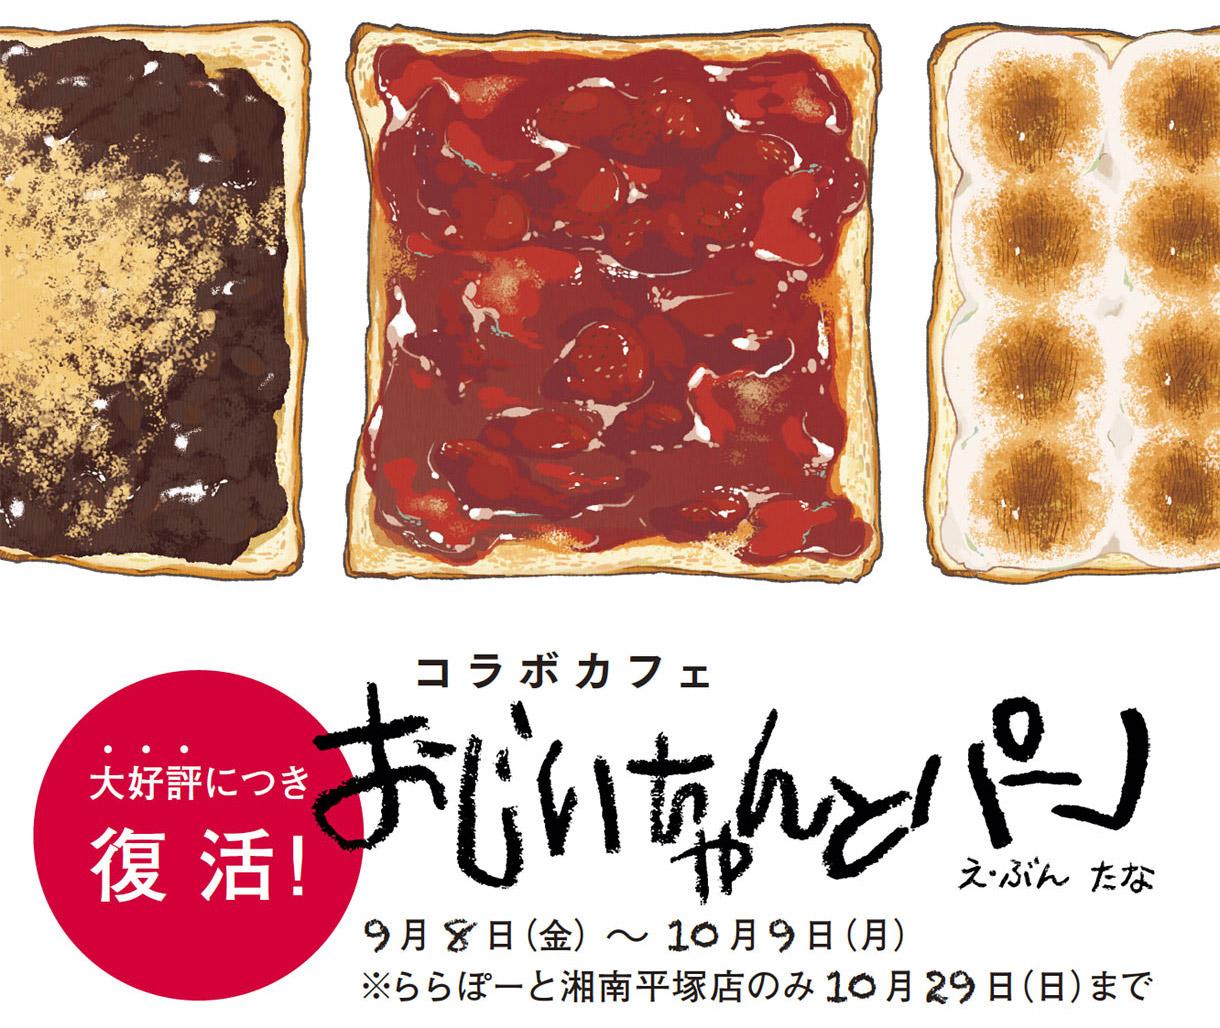 9/8(金)~ マシュマロトースト|復活『おじいちゃんとパン』コラボカフェ